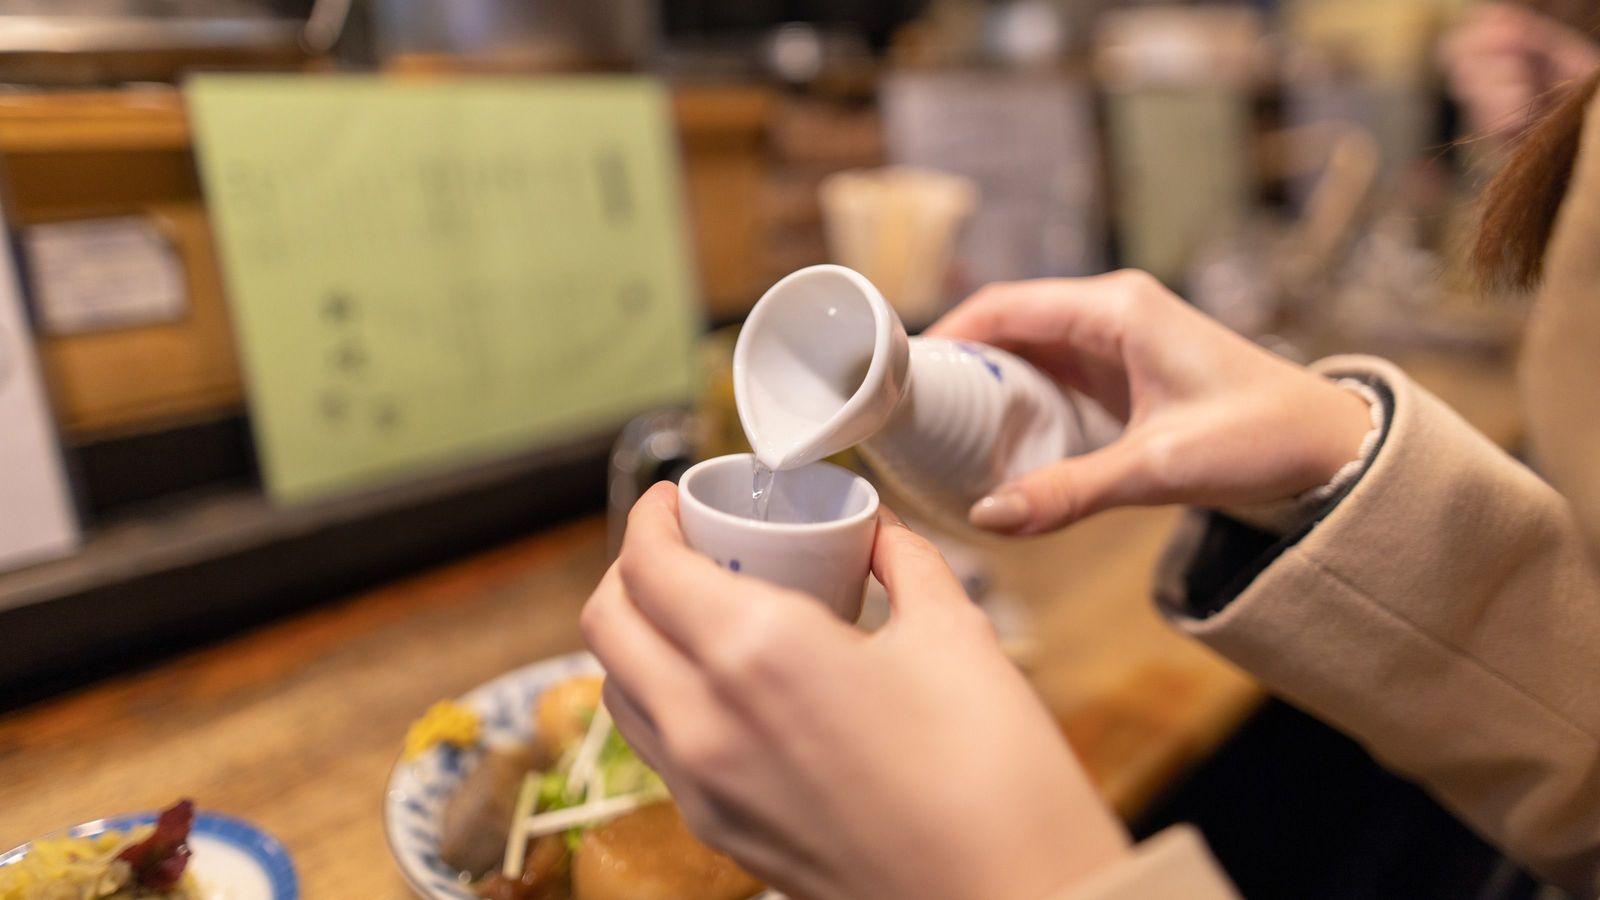 若者が日本酒を飲まなくなったこれだけの理由 日本酒の消費量はピークの3分の1に